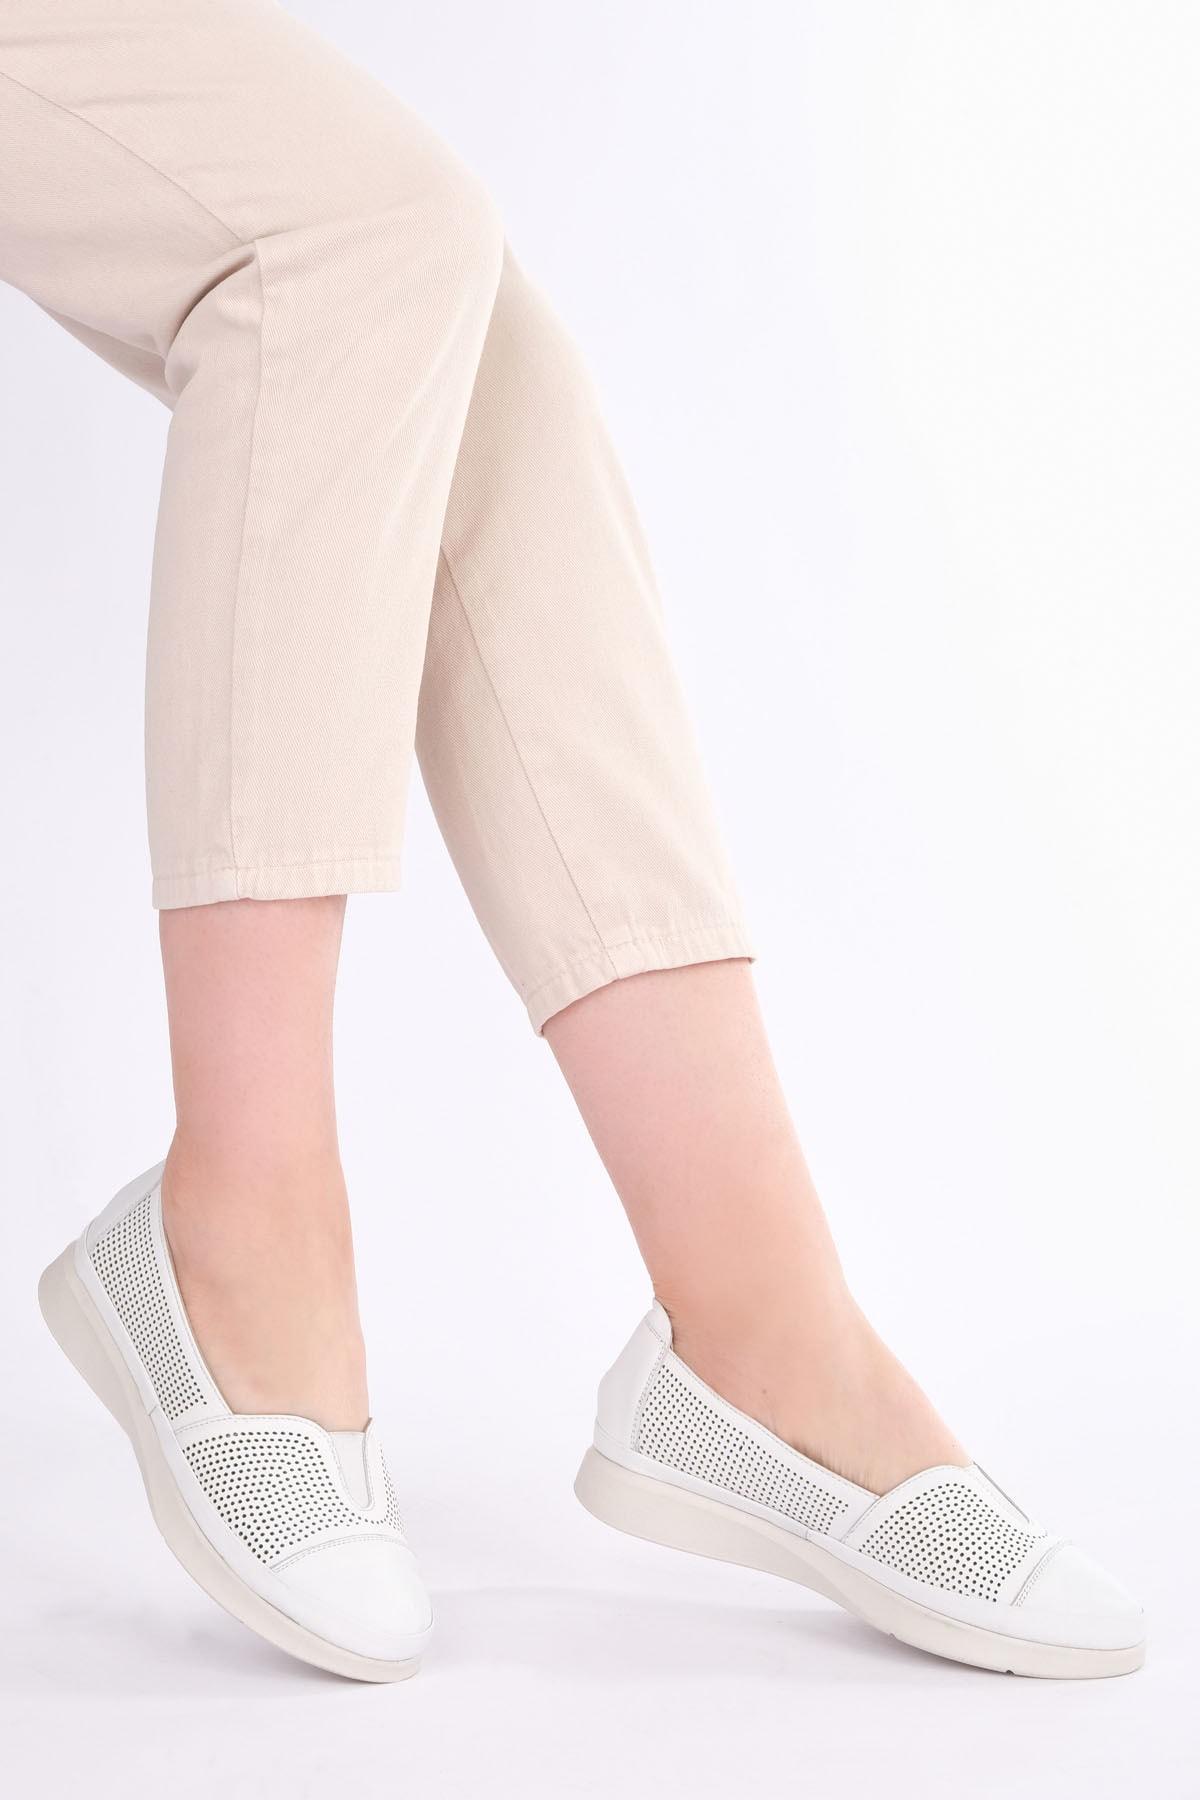 Marjin Kadın Beyaz Hakiki Deri Comfort Ayakkabı Vona 0